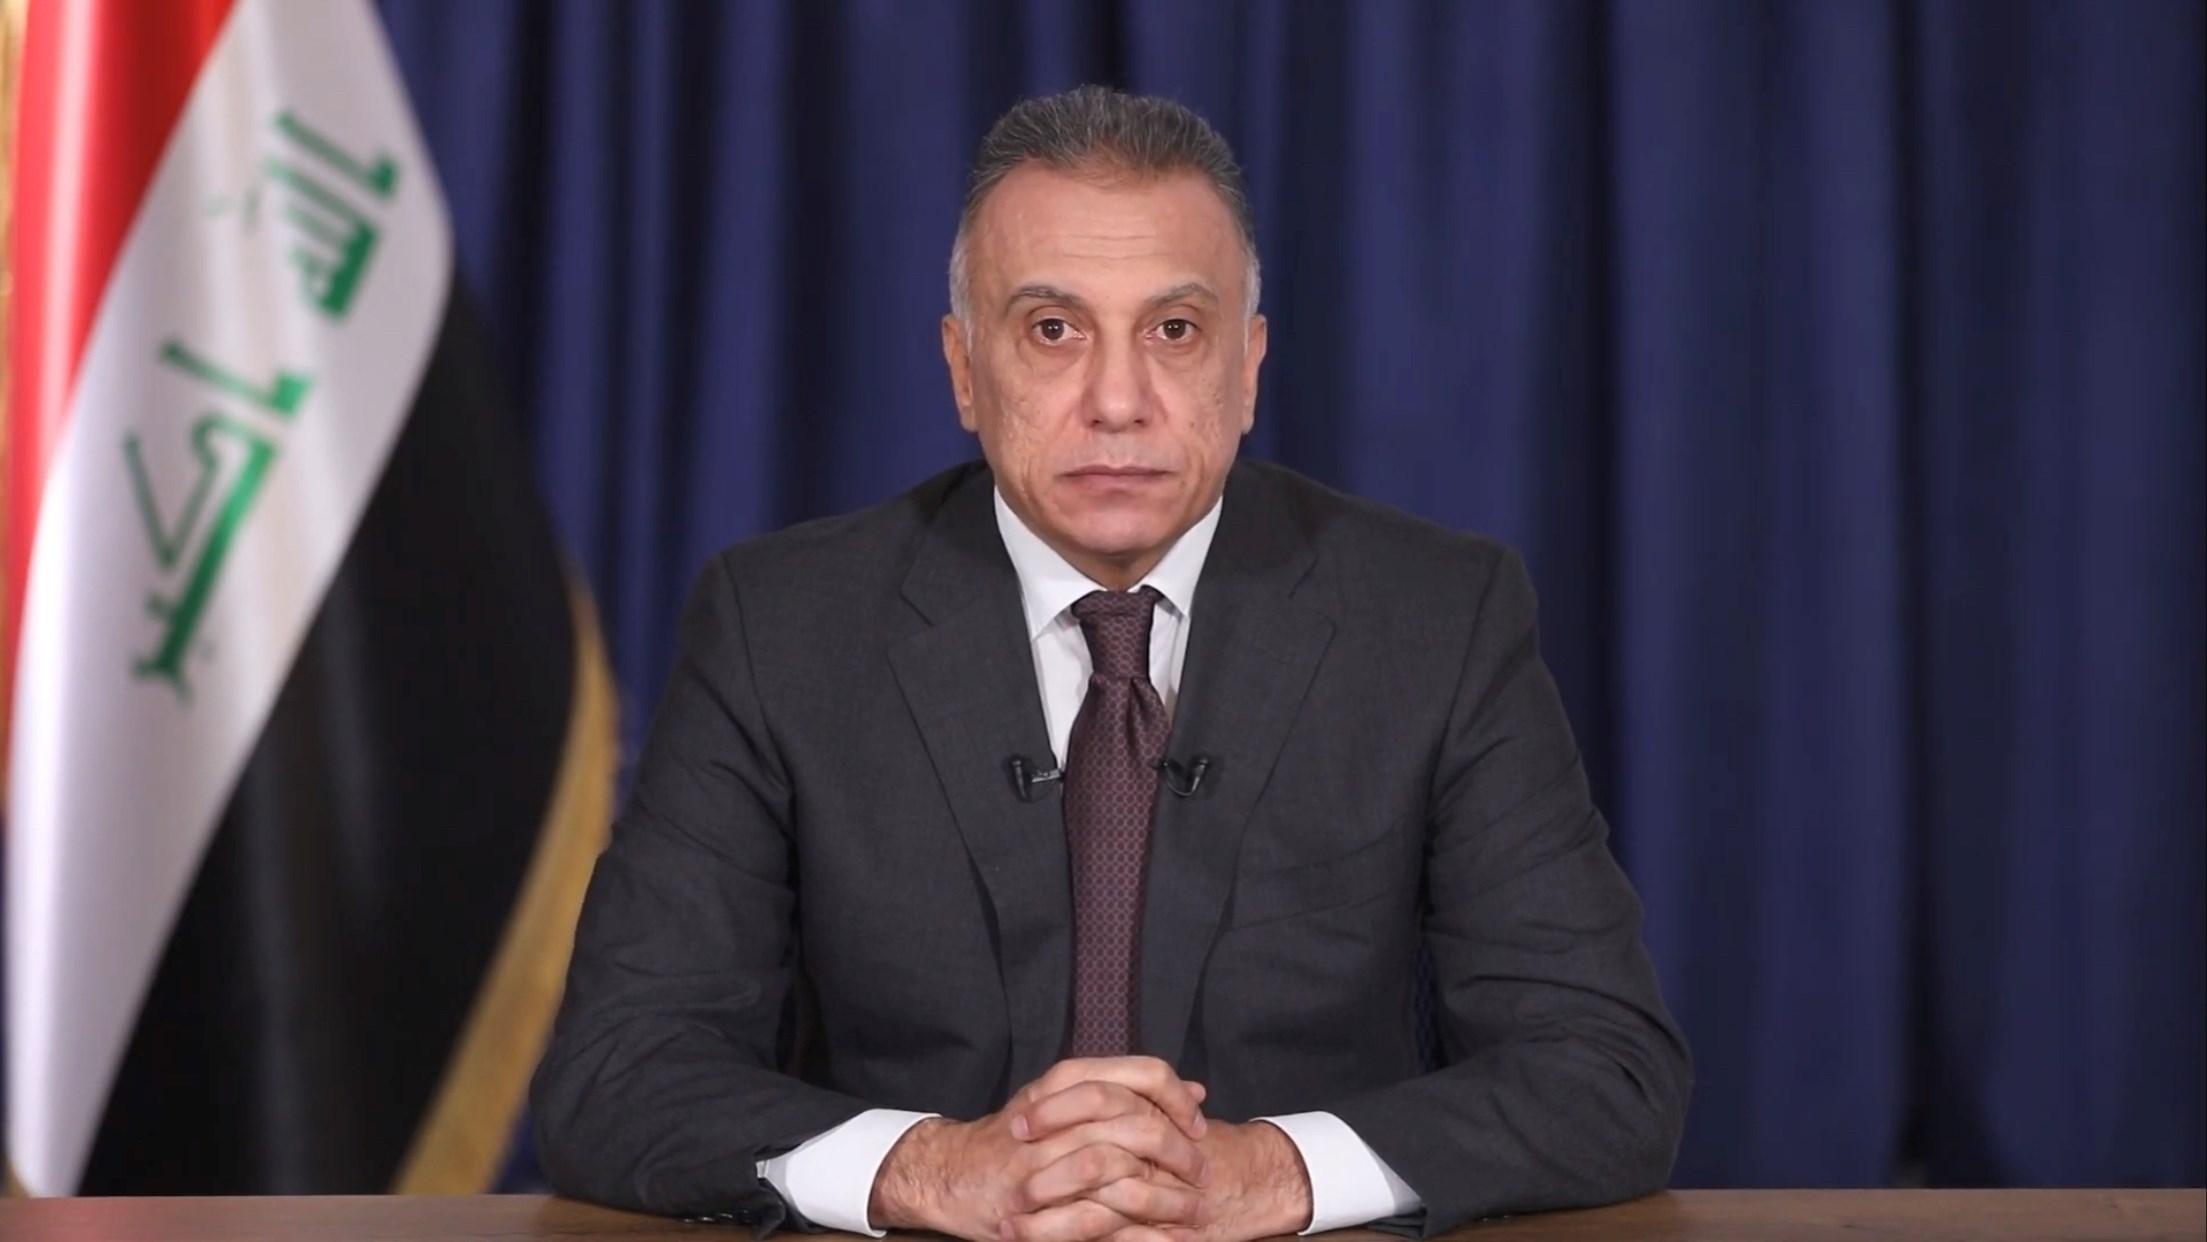 الكاظمي: وجهة النظر التي علينا اعتمادها جميعاً رغم اختلاف أفكارنا هي العراق